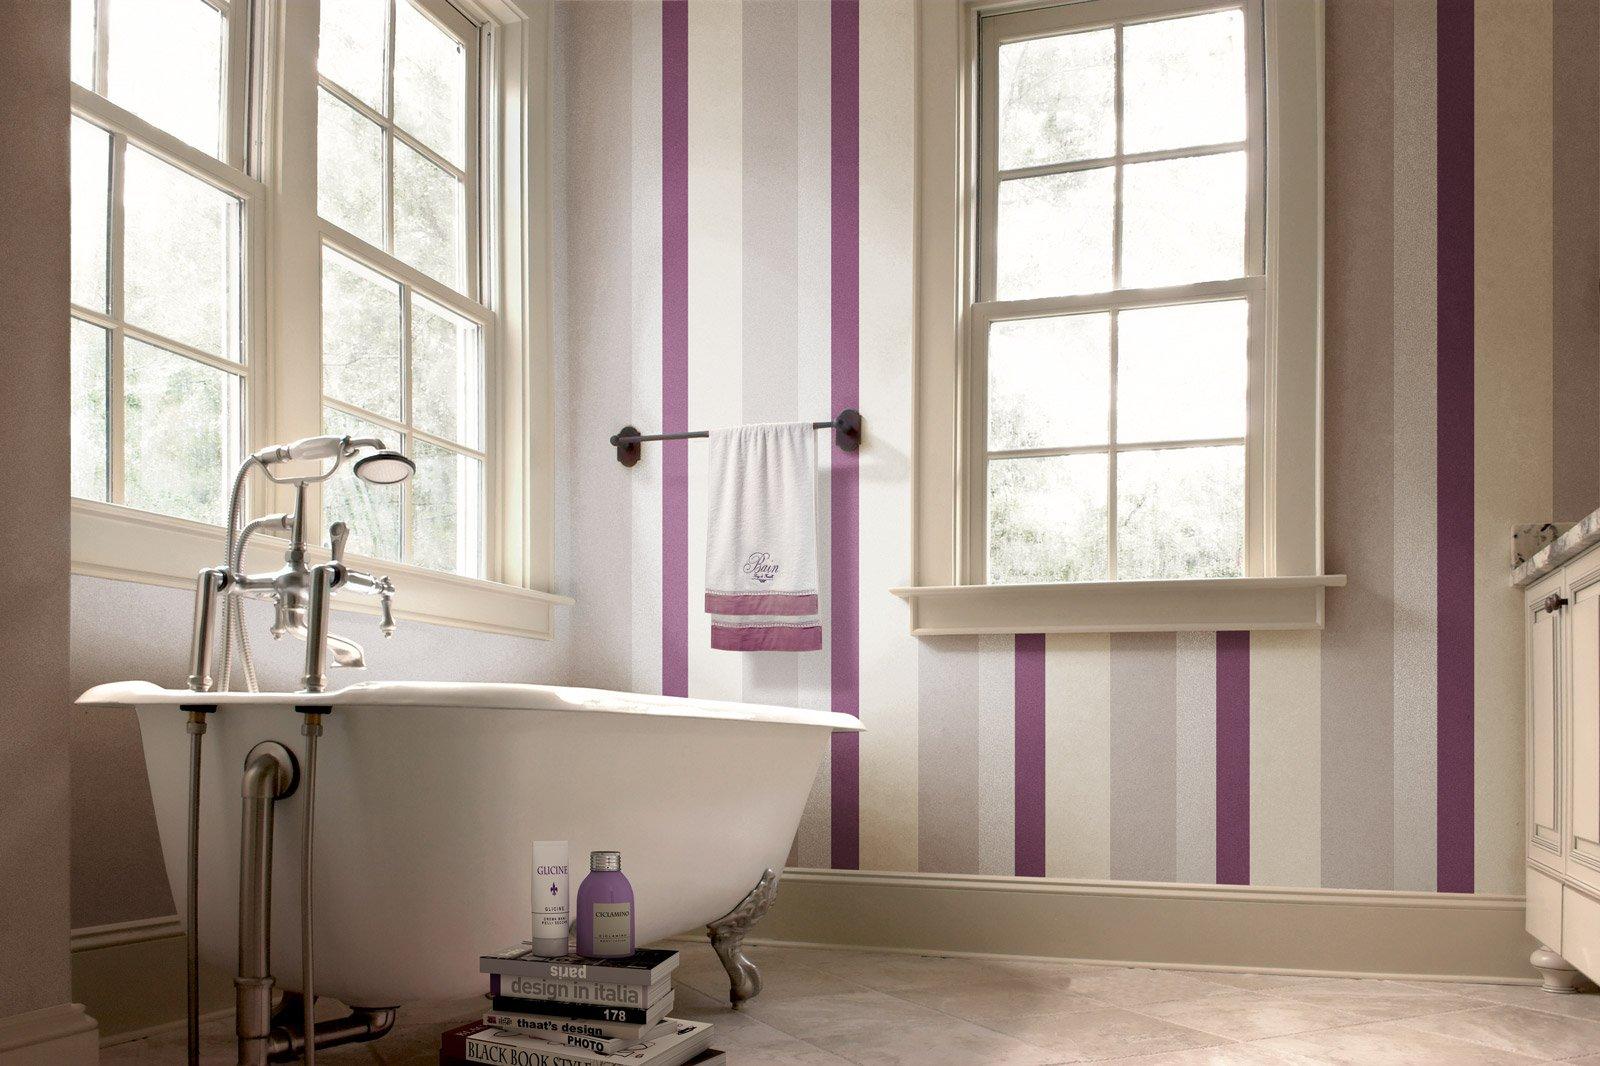 Angolari per piastrelle bagno - Mattonelle per bagno moderno ...